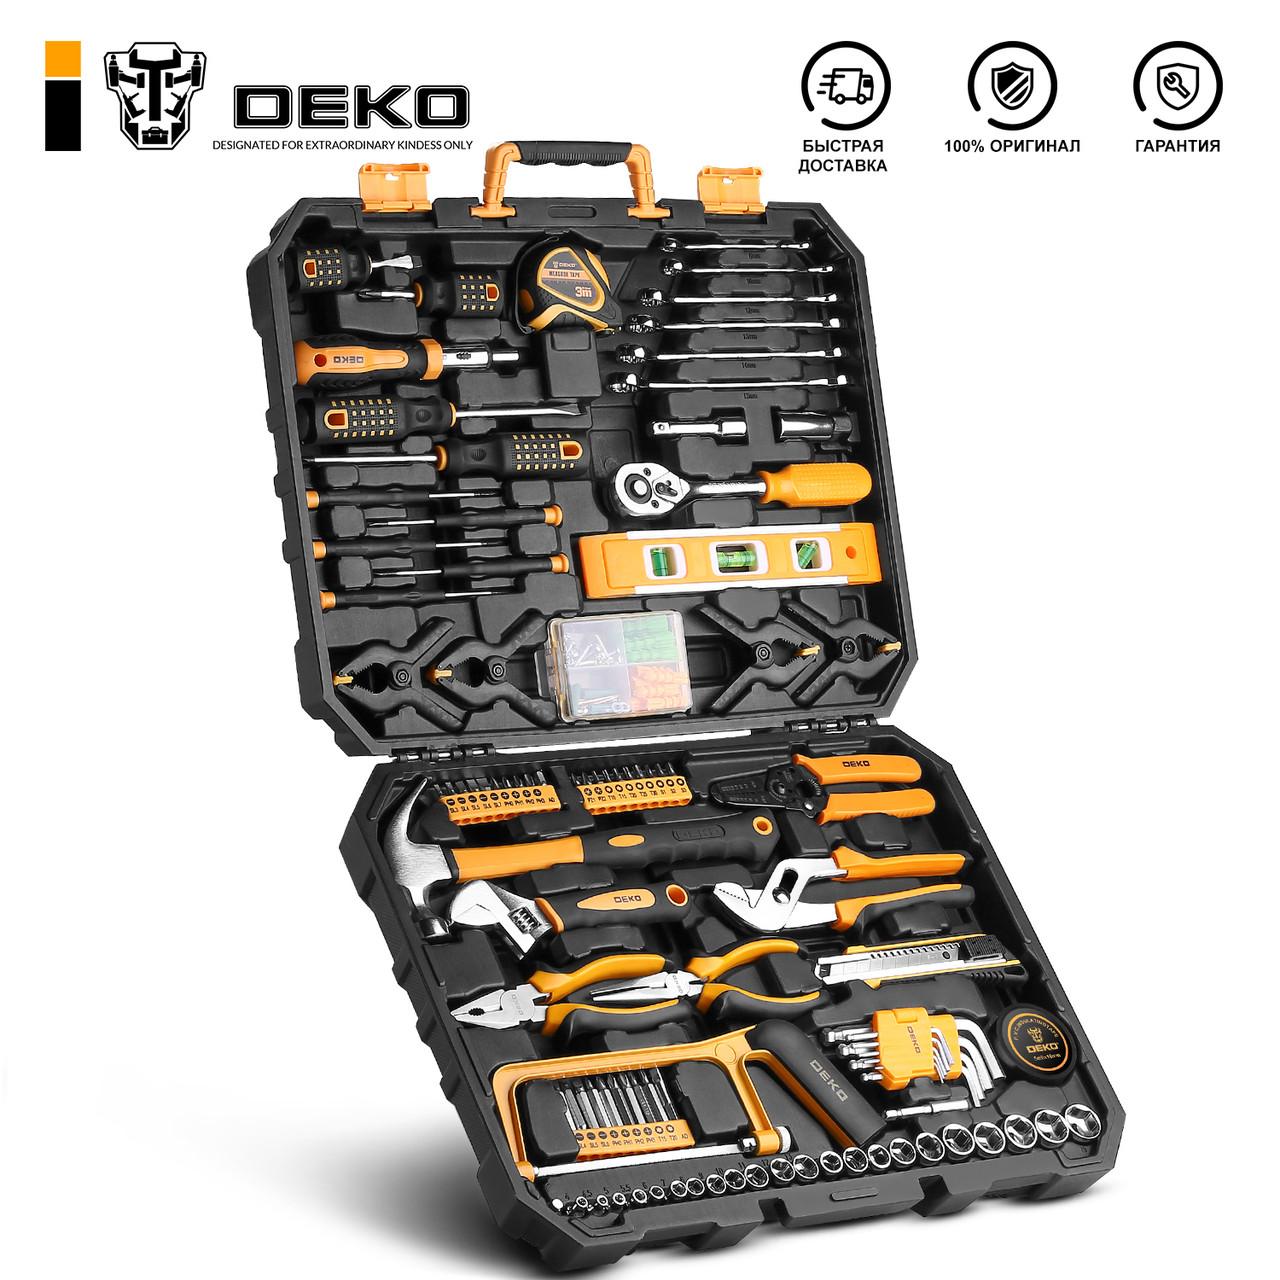 Набор инструментов DEKO DKMT168 (168шт.)